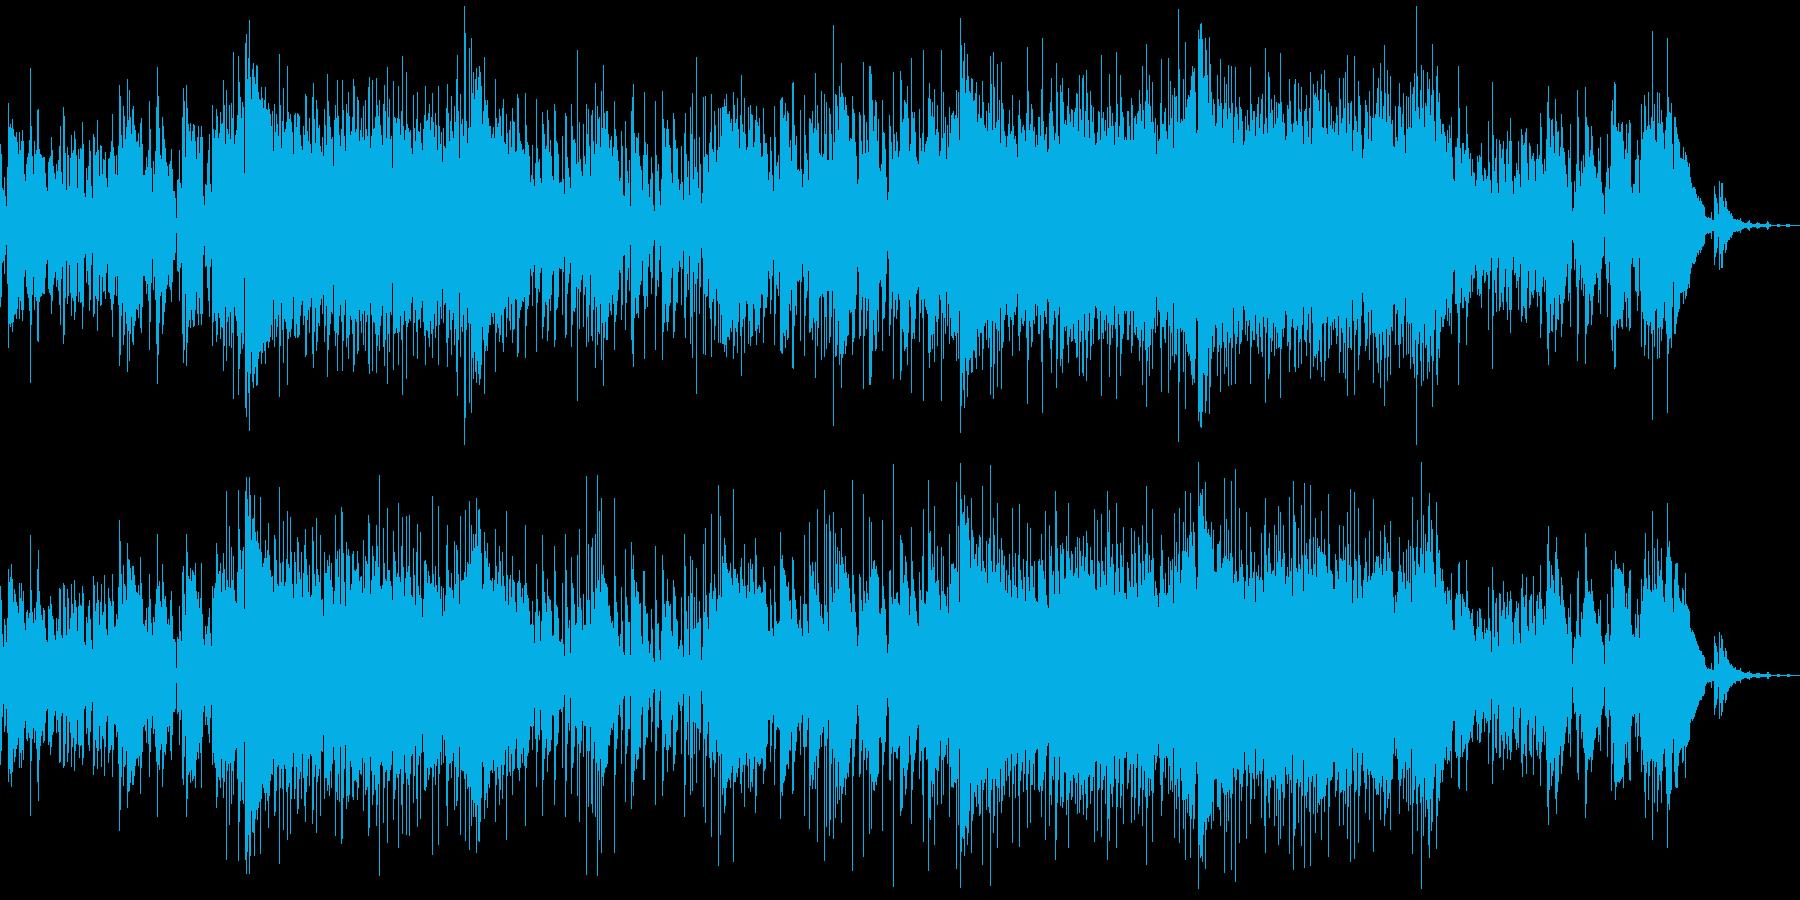 楽しい夏を演出する生演奏ウクレレ曲の再生済みの波形